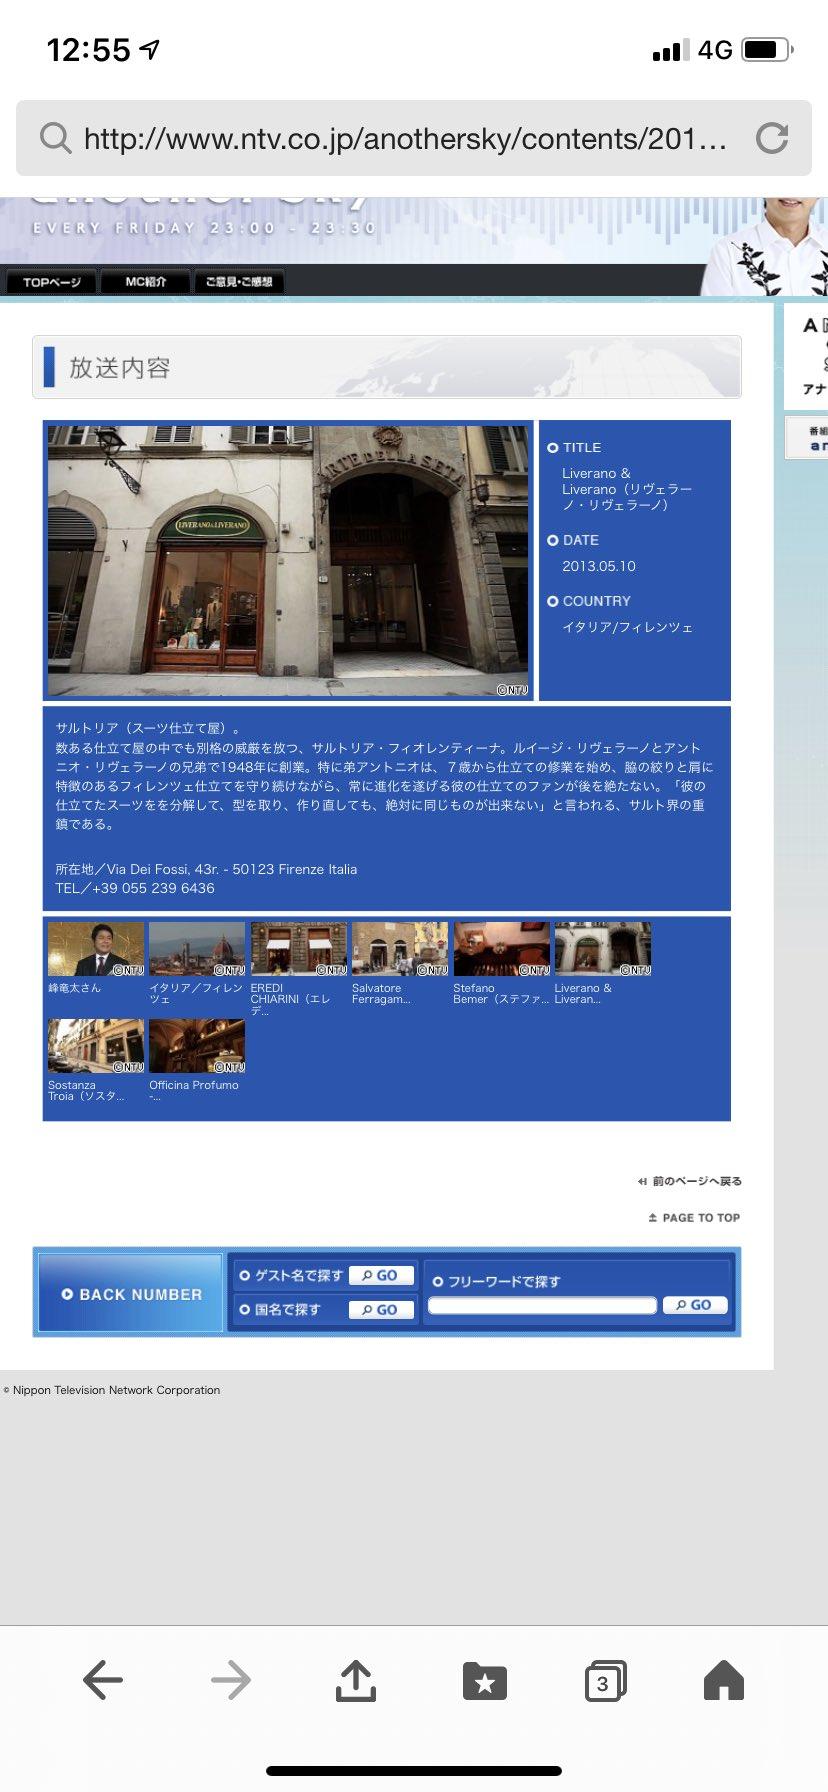 アナザースカイで峰竜太さんが毎年フィレンツェに買い付けに行っていると話してましたね☺️<br><br>